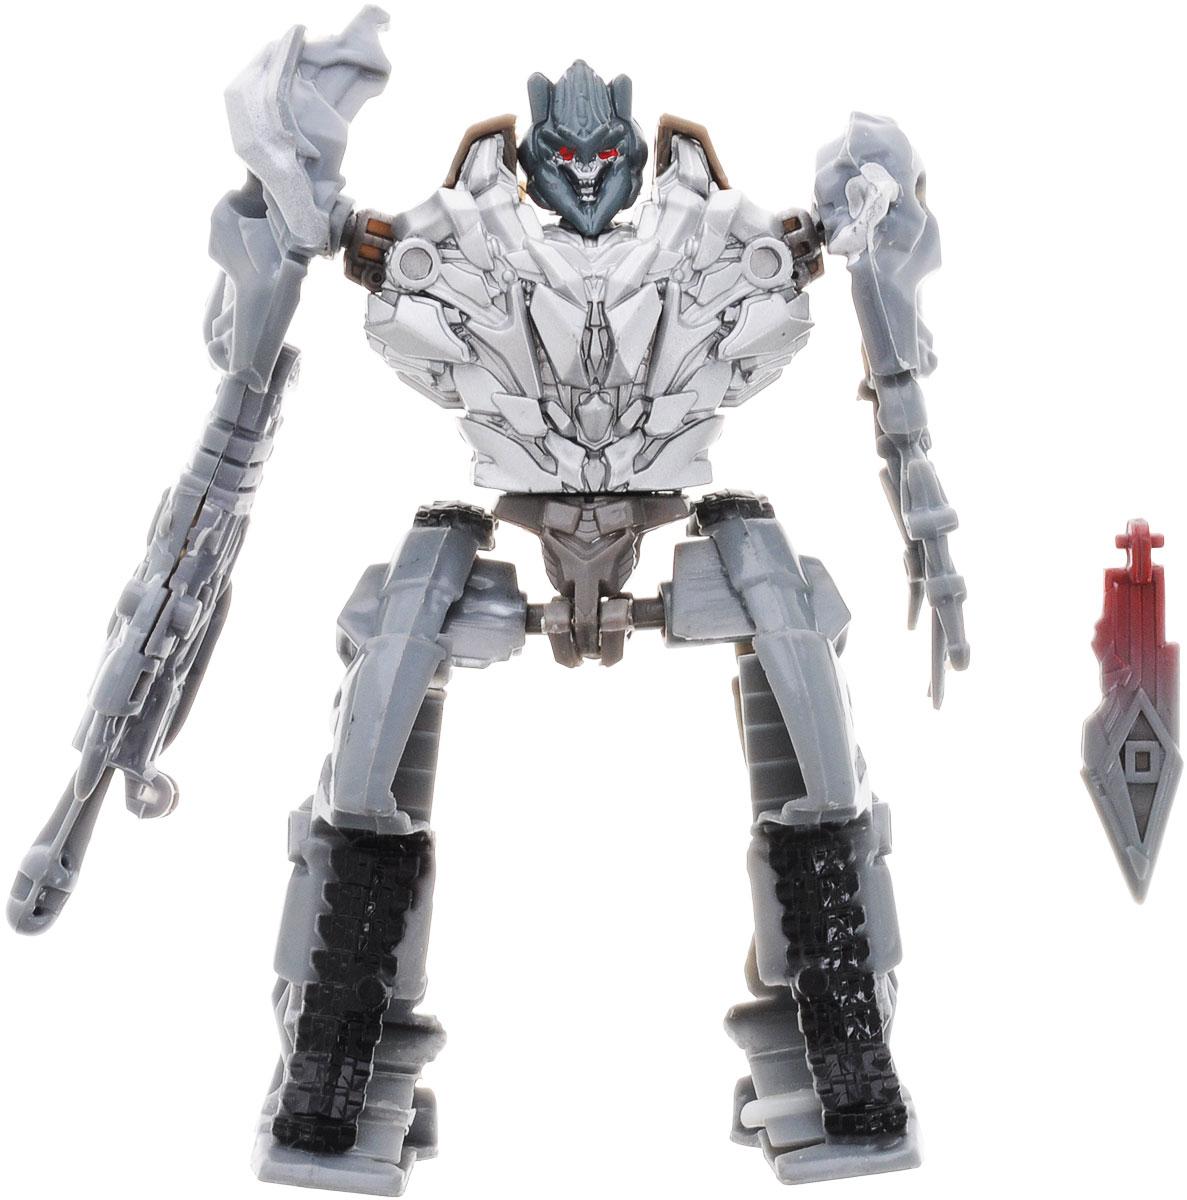 Тилибом Робот-трансформер цвет серыйТ80485_серыйРобот-трансформер Тилибом из серии Стражи галактики понравится любому маленькому поклоннику роботов и автомобилей! Игрушка выполнена из высококачественного пластика, в комплект входит оружие. Игрушка имеет две вариации: из грозного робота она легко превращается в различные виды машин и космических кораблей. Руки, ноги и голова игрушки подвижны, что позволяет придавать ей различные позы. Подобные занятия очень полезны для детей, они способствуют развитию памяти, смекалки, так же развивают воображение, внимательность, мышление и координацию движений. Ребенок с удовольствием будет играть с роботом-трансформером, придумывая разные истории. Порадуйте его таким замечательным подарком!